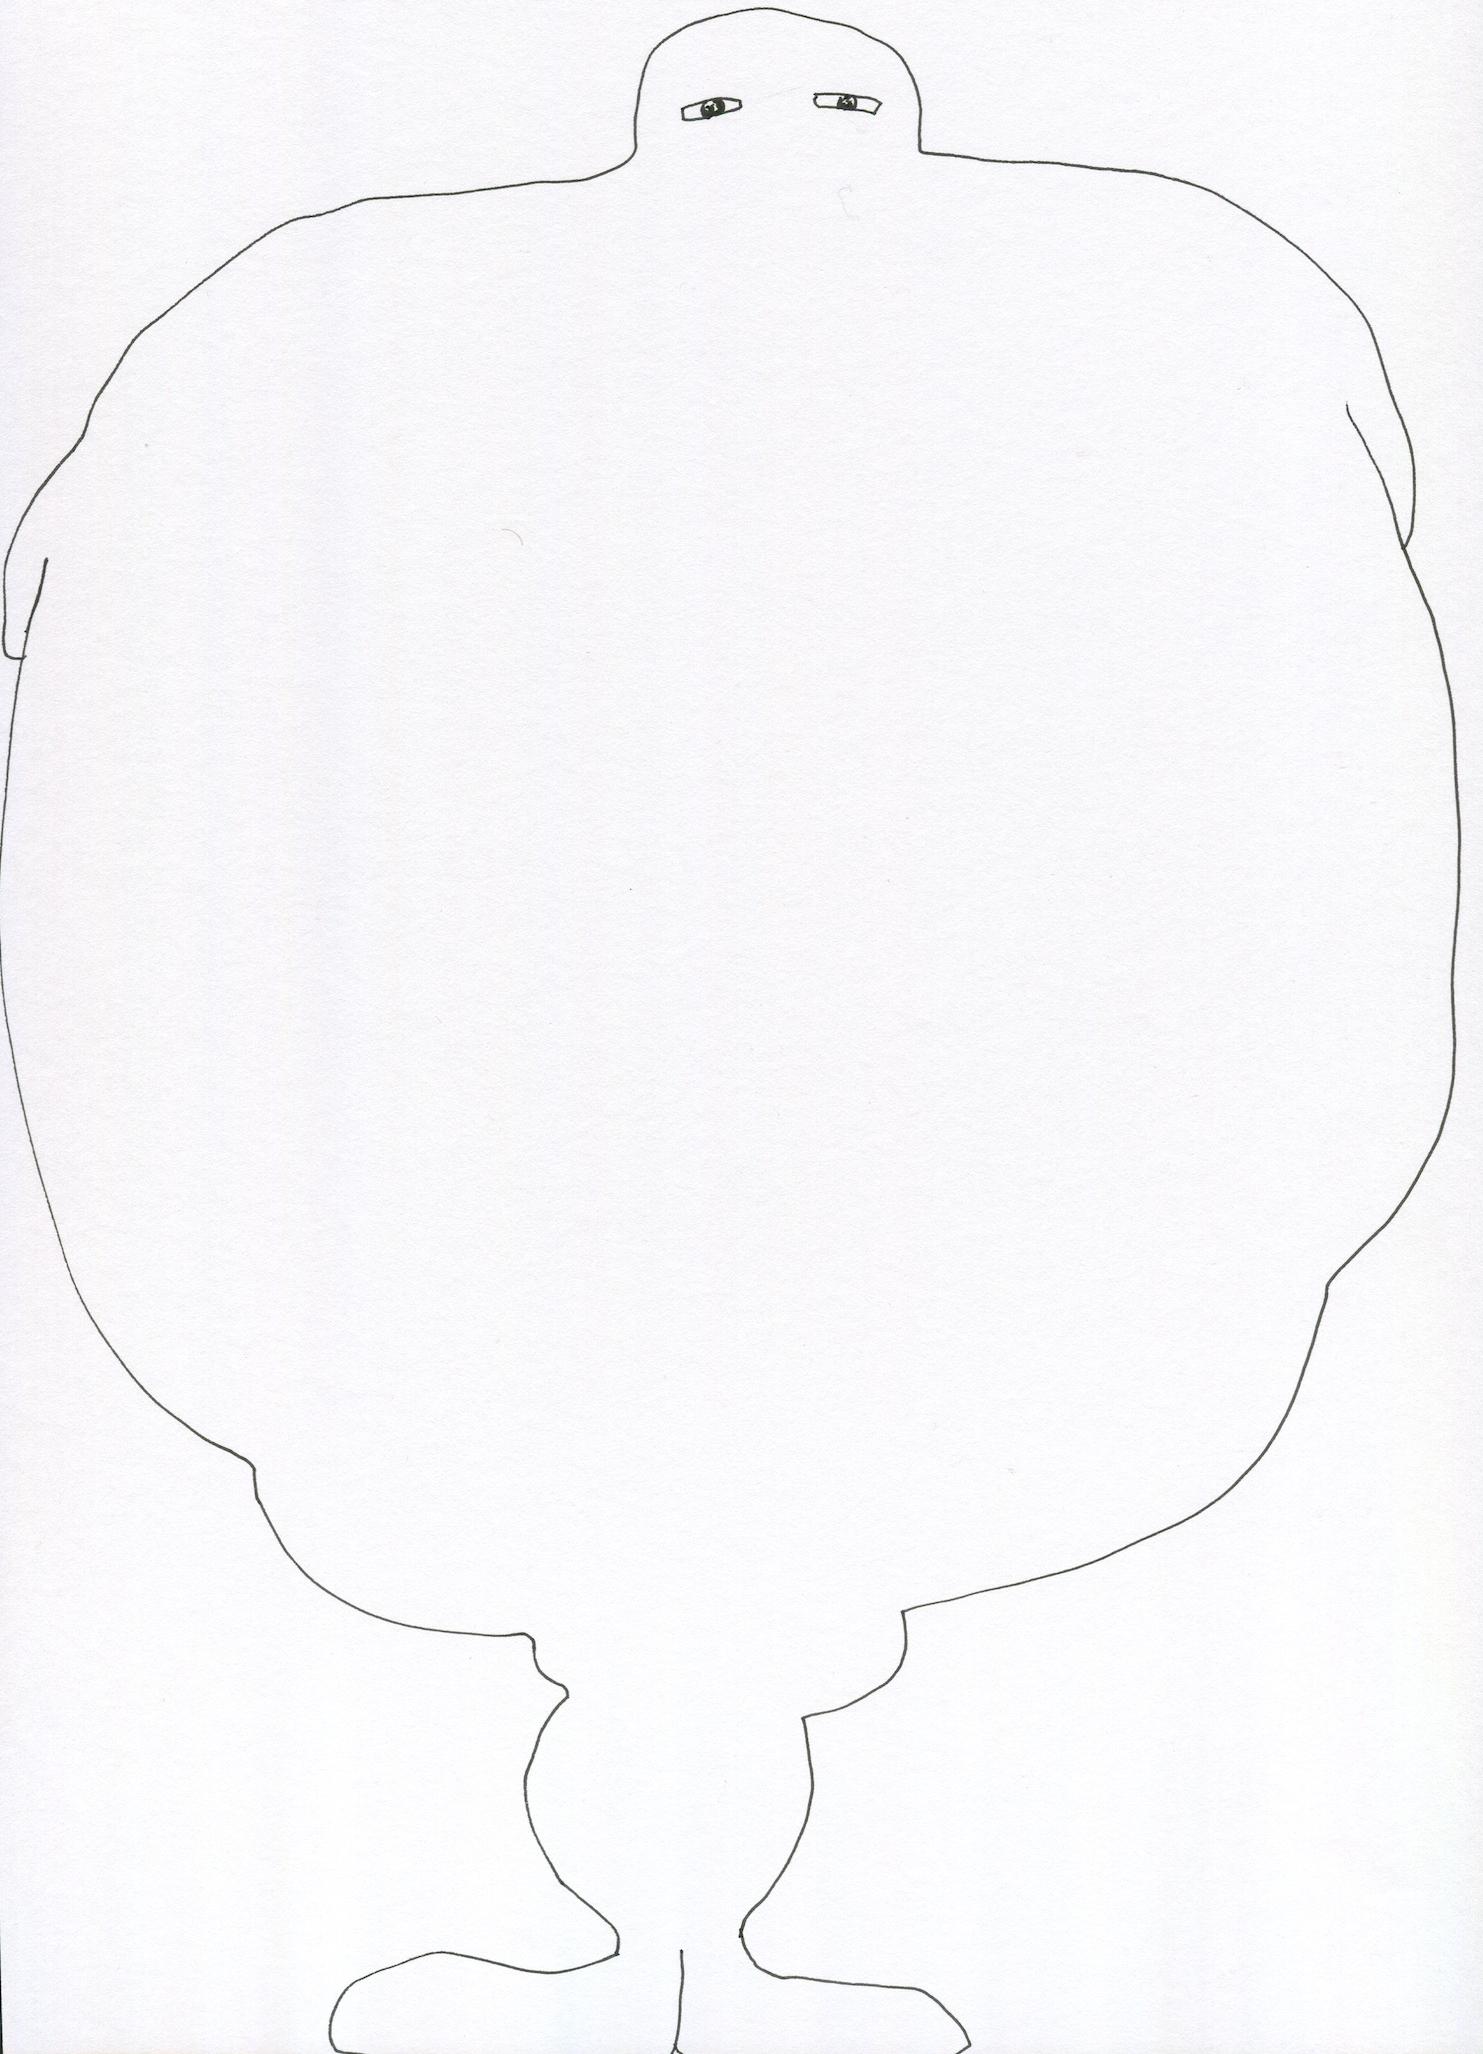 Huge from the Venus of Brisbane series, 2015, Ink on paper, 21.0 x 30.0 cm